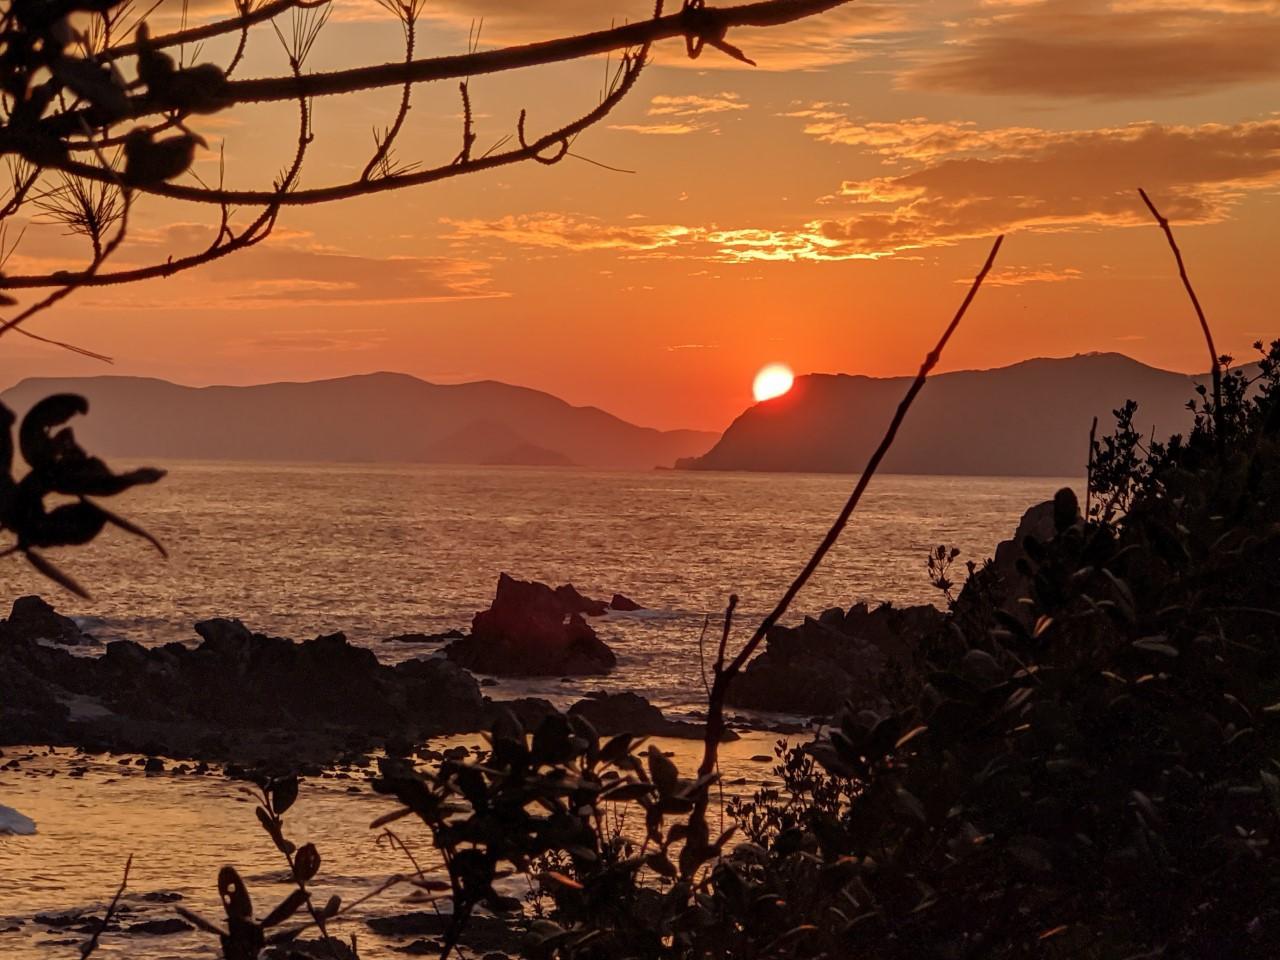 夕暮れ時の景観は、空と雲と海と島影に沈む夕陽に彩られ!